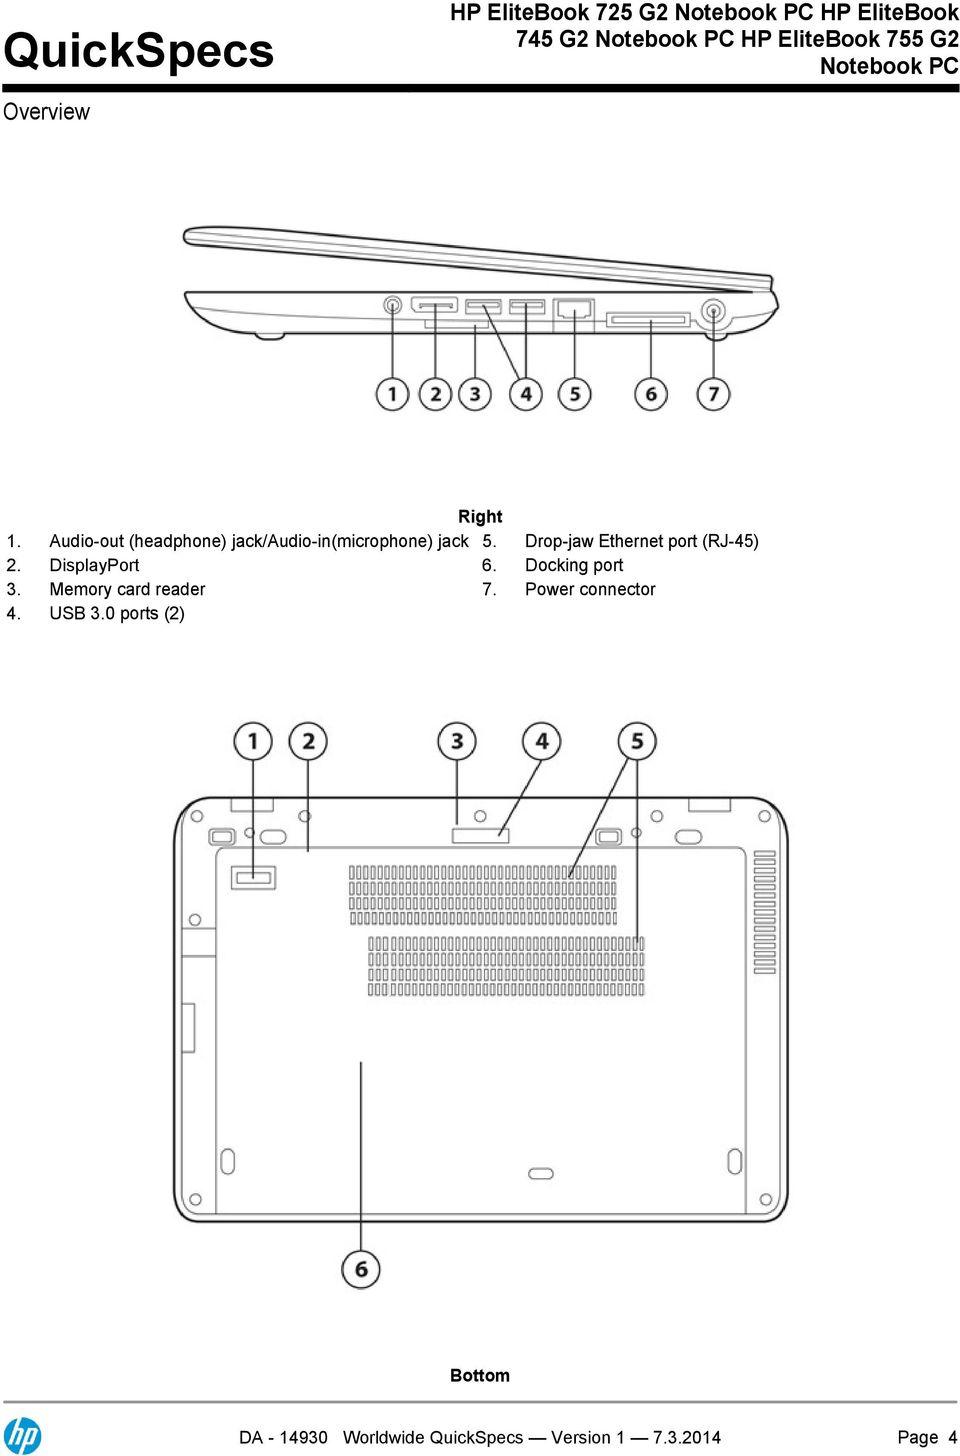 QuickSpecs. HP EliteBook 725 G2 Notebook PC. HP EliteBook